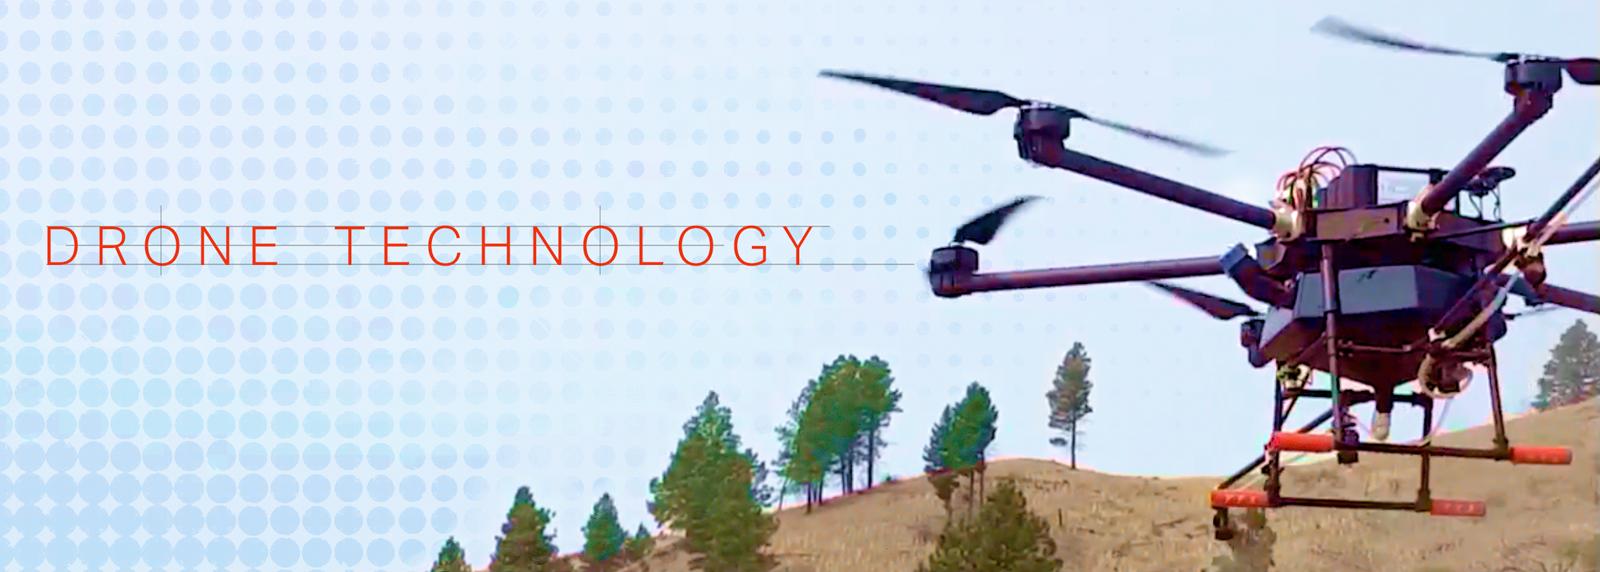 DroneBanner.jpg